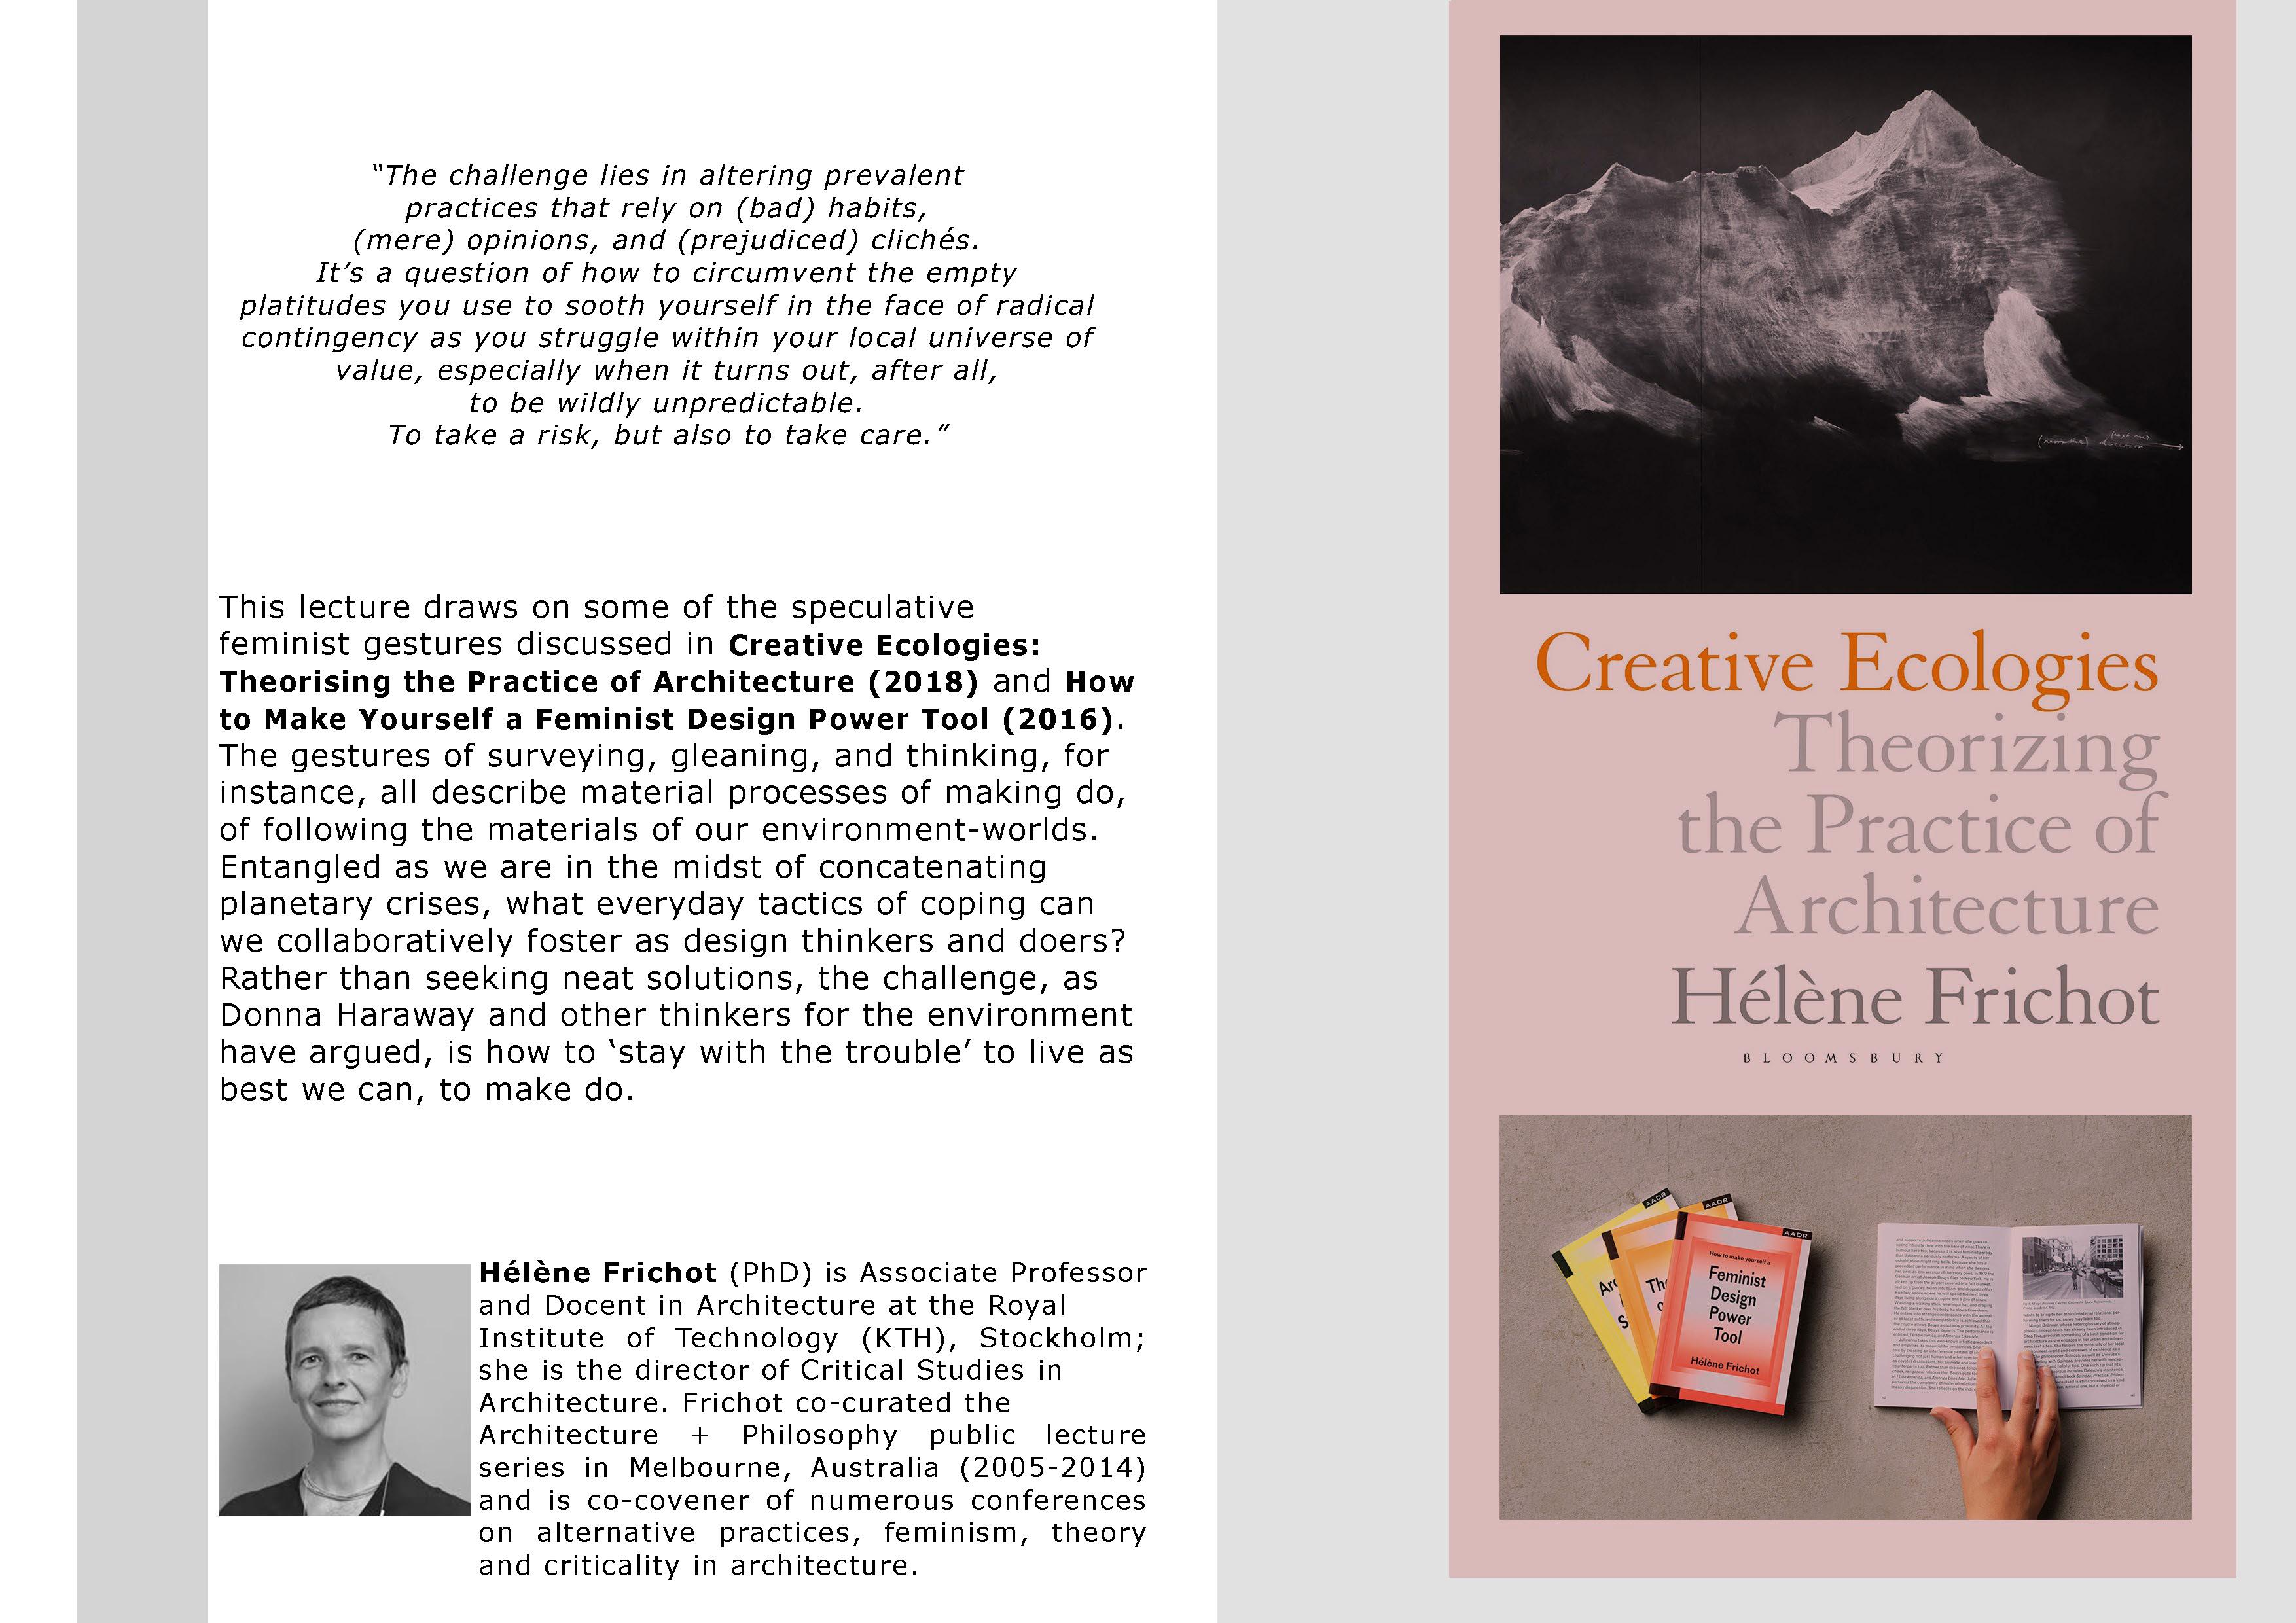 helenefrichot_leaflet_page_2